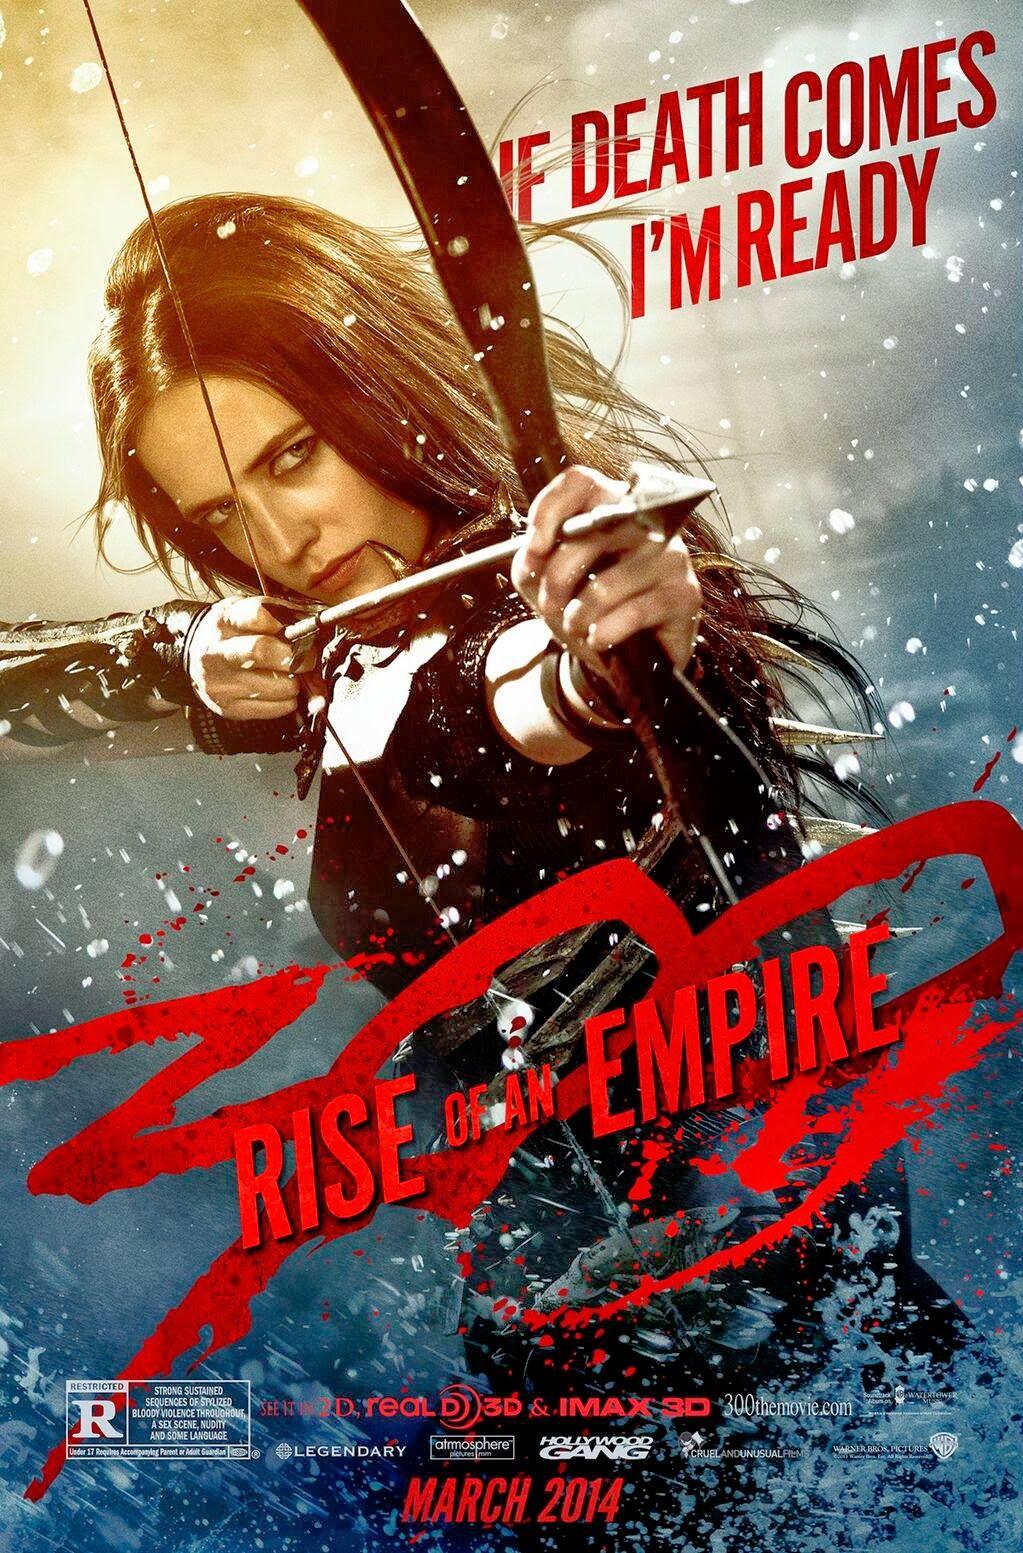 Warner Bros Pictures Ha Publicado 5 Nuevos Posters De La Película 300 Rise Of An Empire 300 El Nacimiento De Un Imperio Cin Empire Movie Eva Green Empire